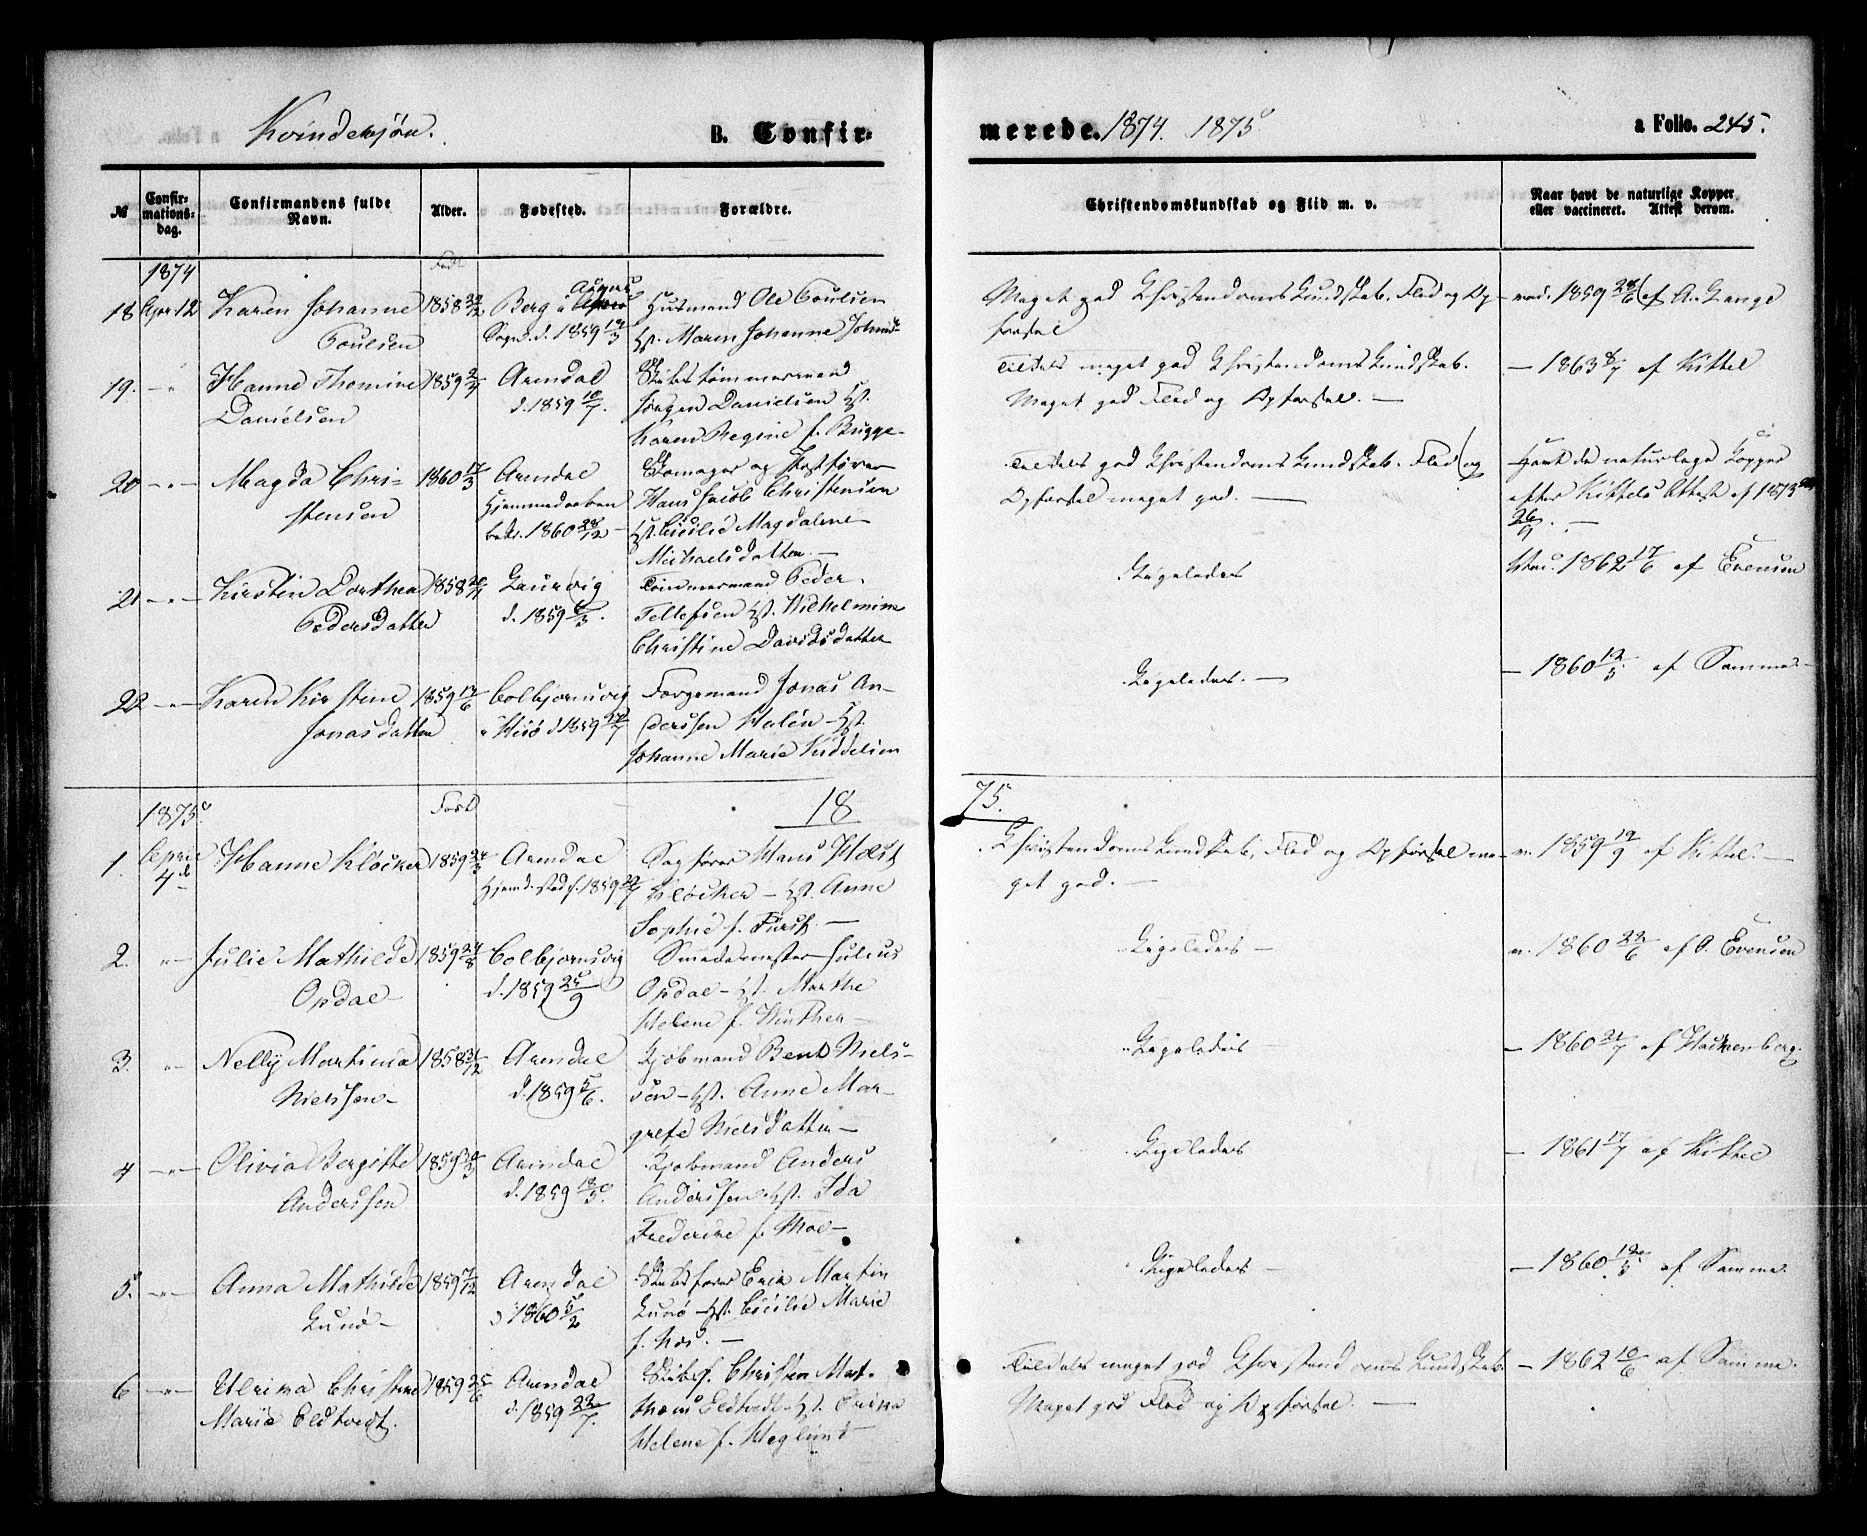 SAK, Arendal sokneprestkontor, Trefoldighet, F/Fa/L0007: Ministerialbok nr. A 7, 1868-1878, s. 245